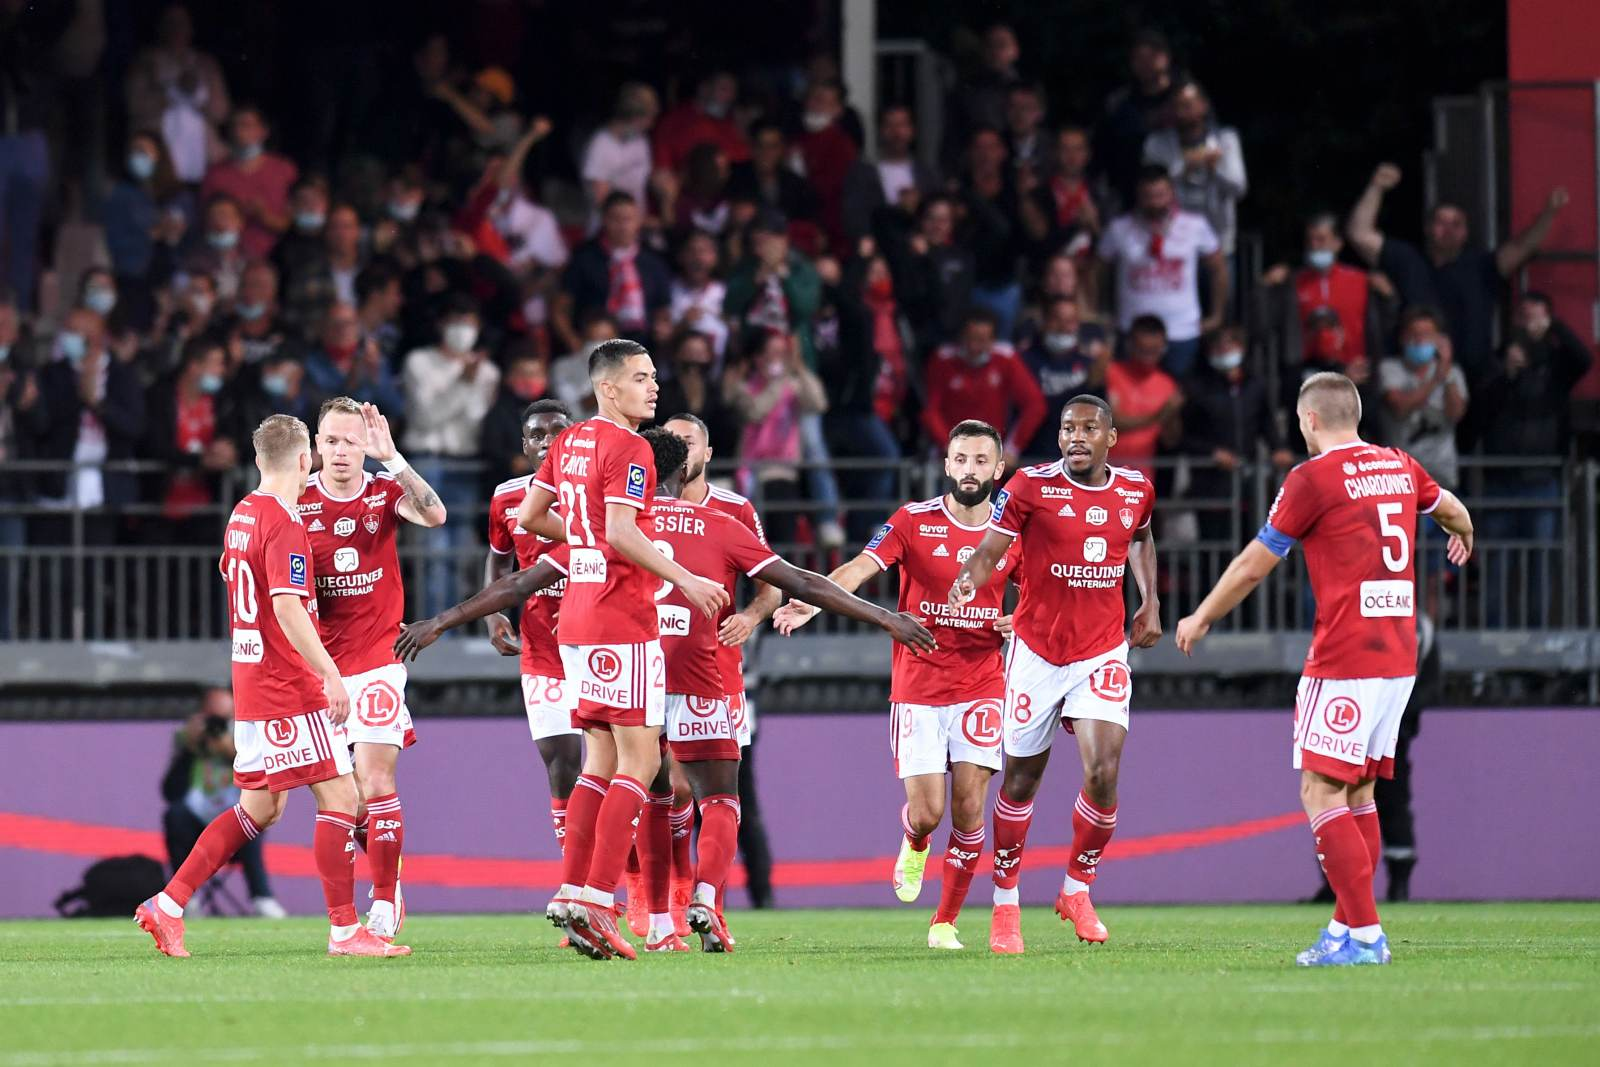 «Клермон» - «Брест»: прогноз и ставка на матч чемпионата Франции – 19 сентября 2021